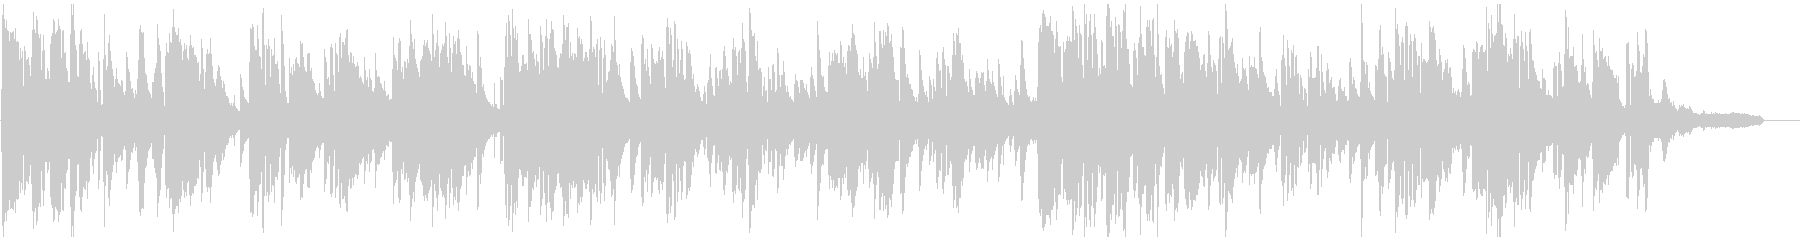 コメディ的なお色気シーンのエロいサックスの未再生の波形